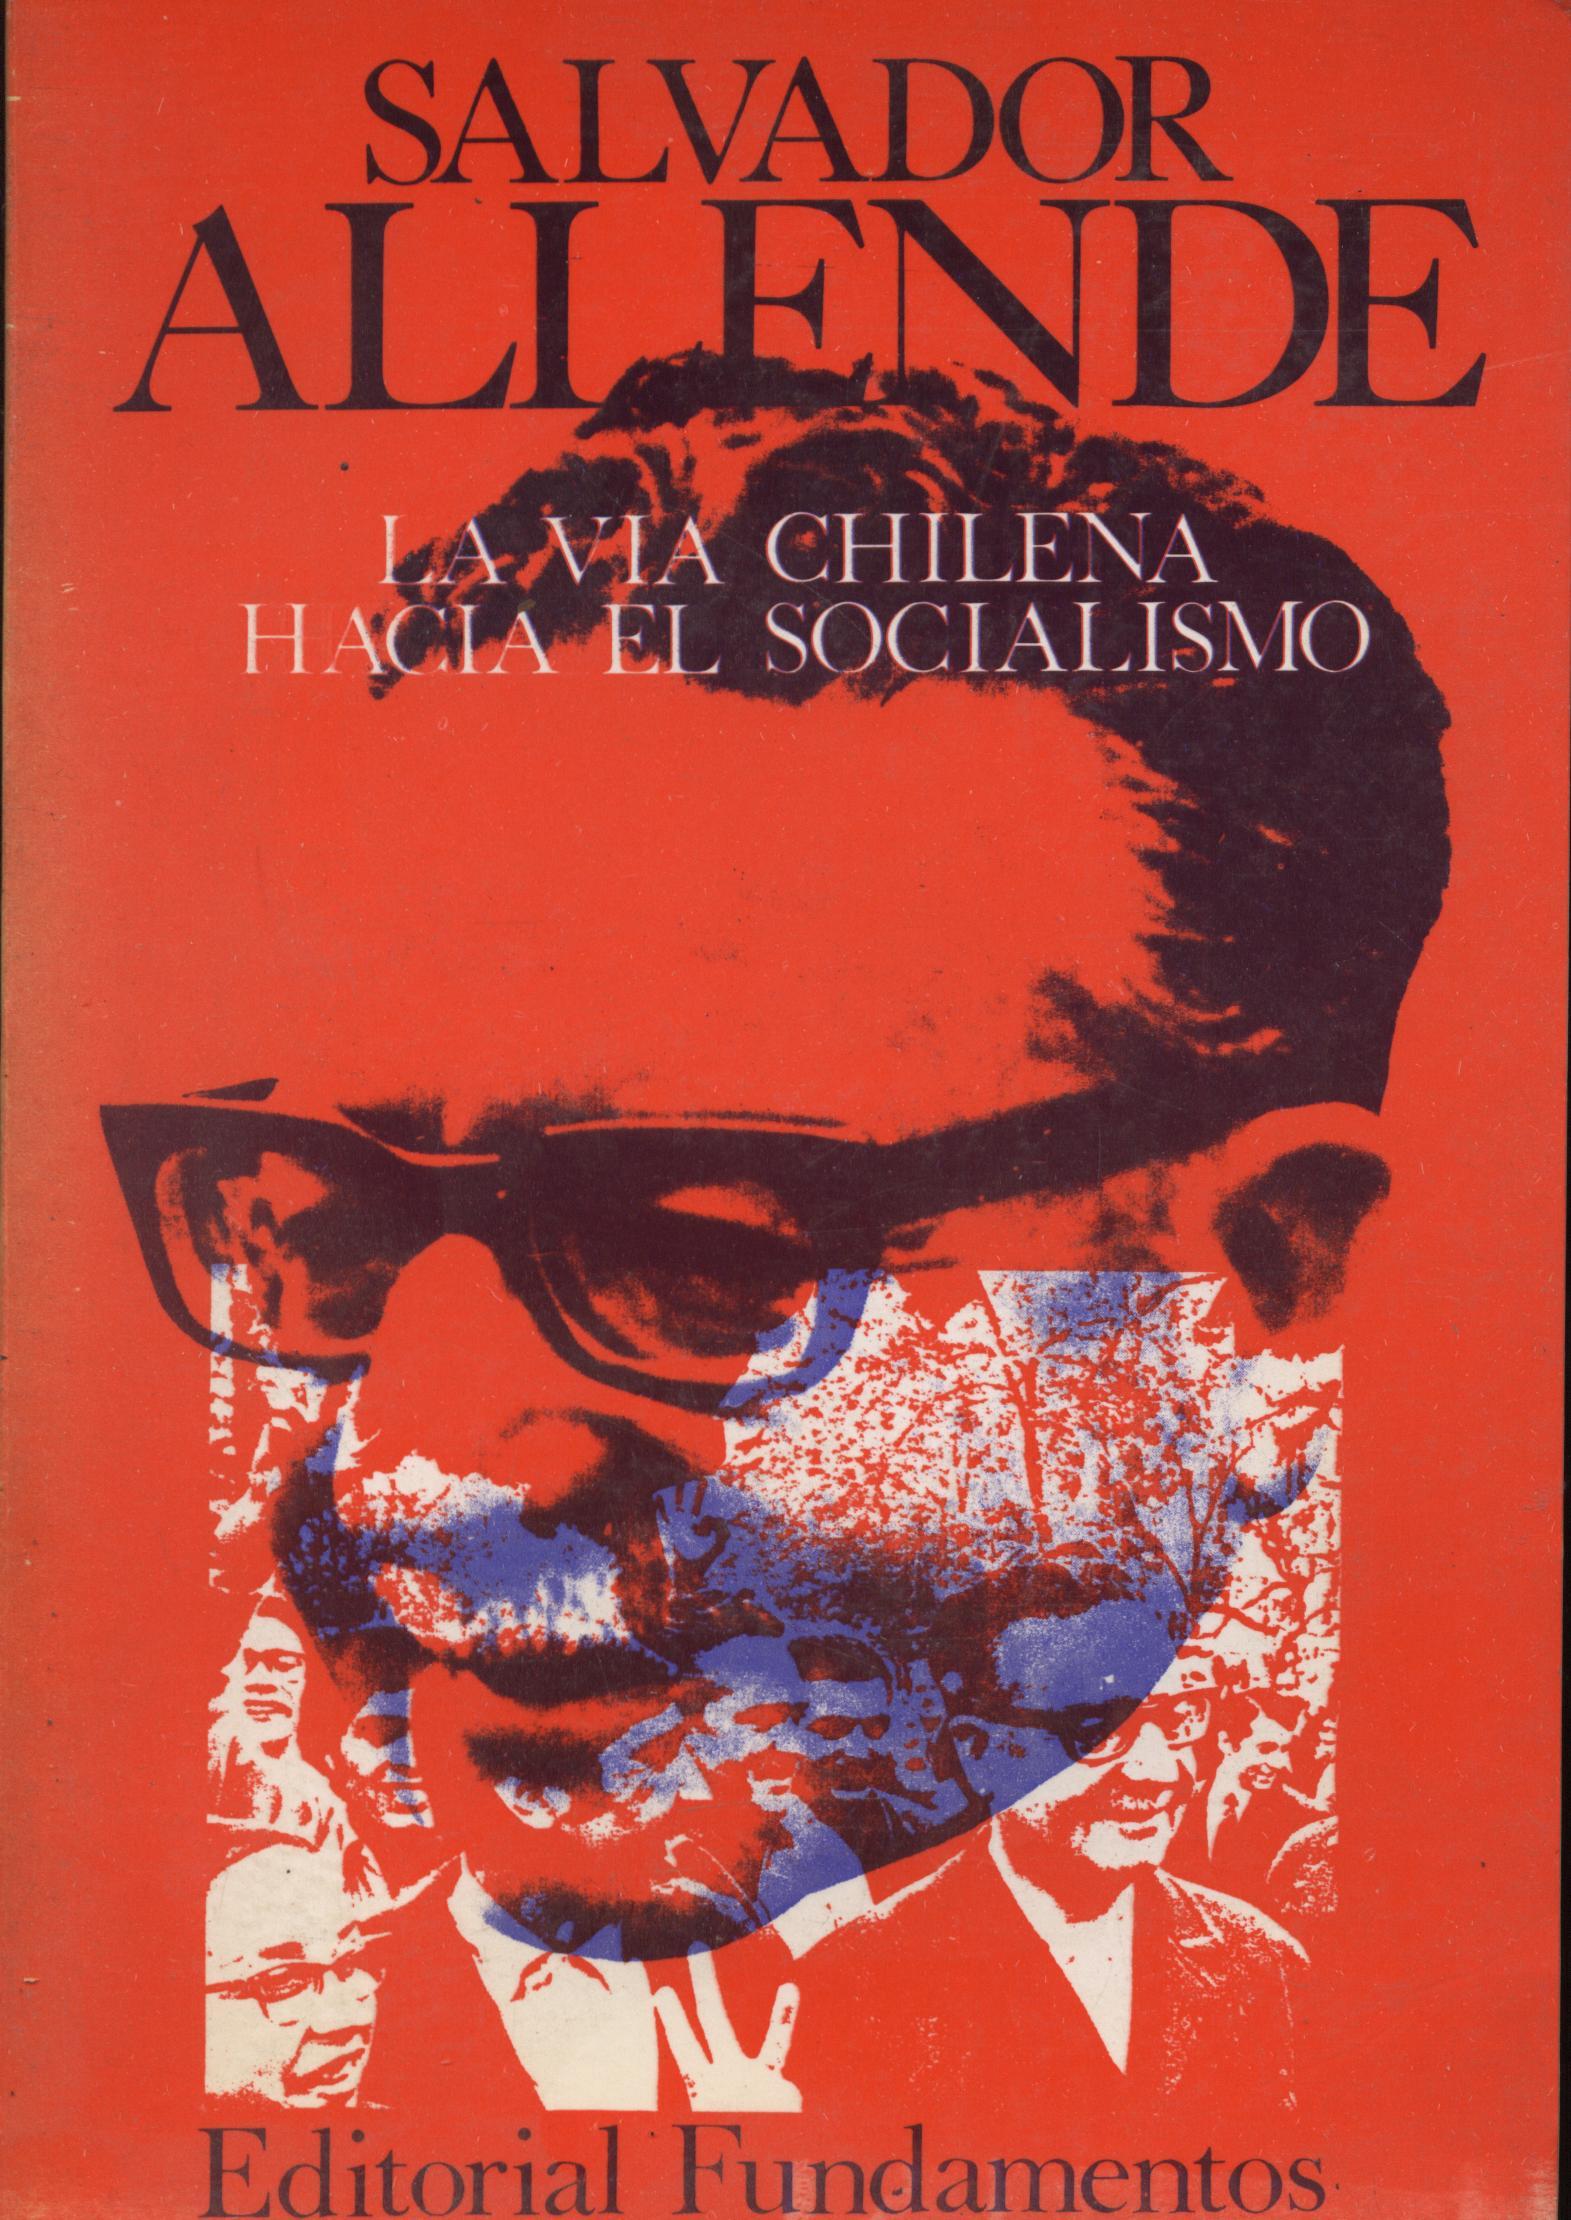 La vía chilena hacia el socialismo - Salvador Allende